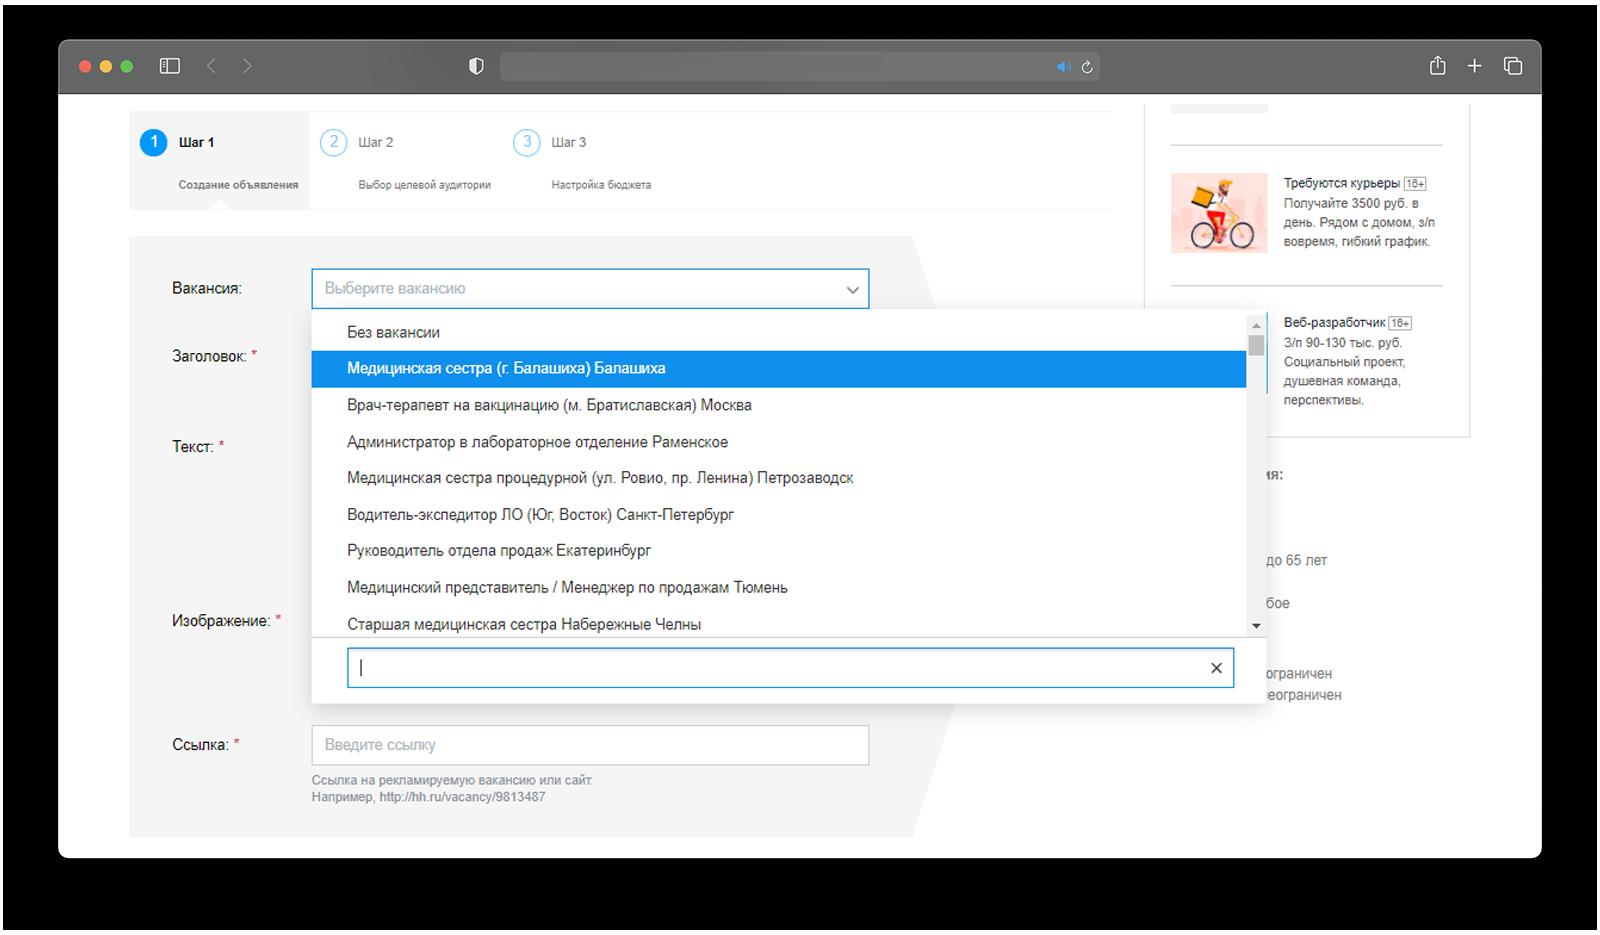 Как работает Clickme: легкий запуск рекламы вакансий и новые функции